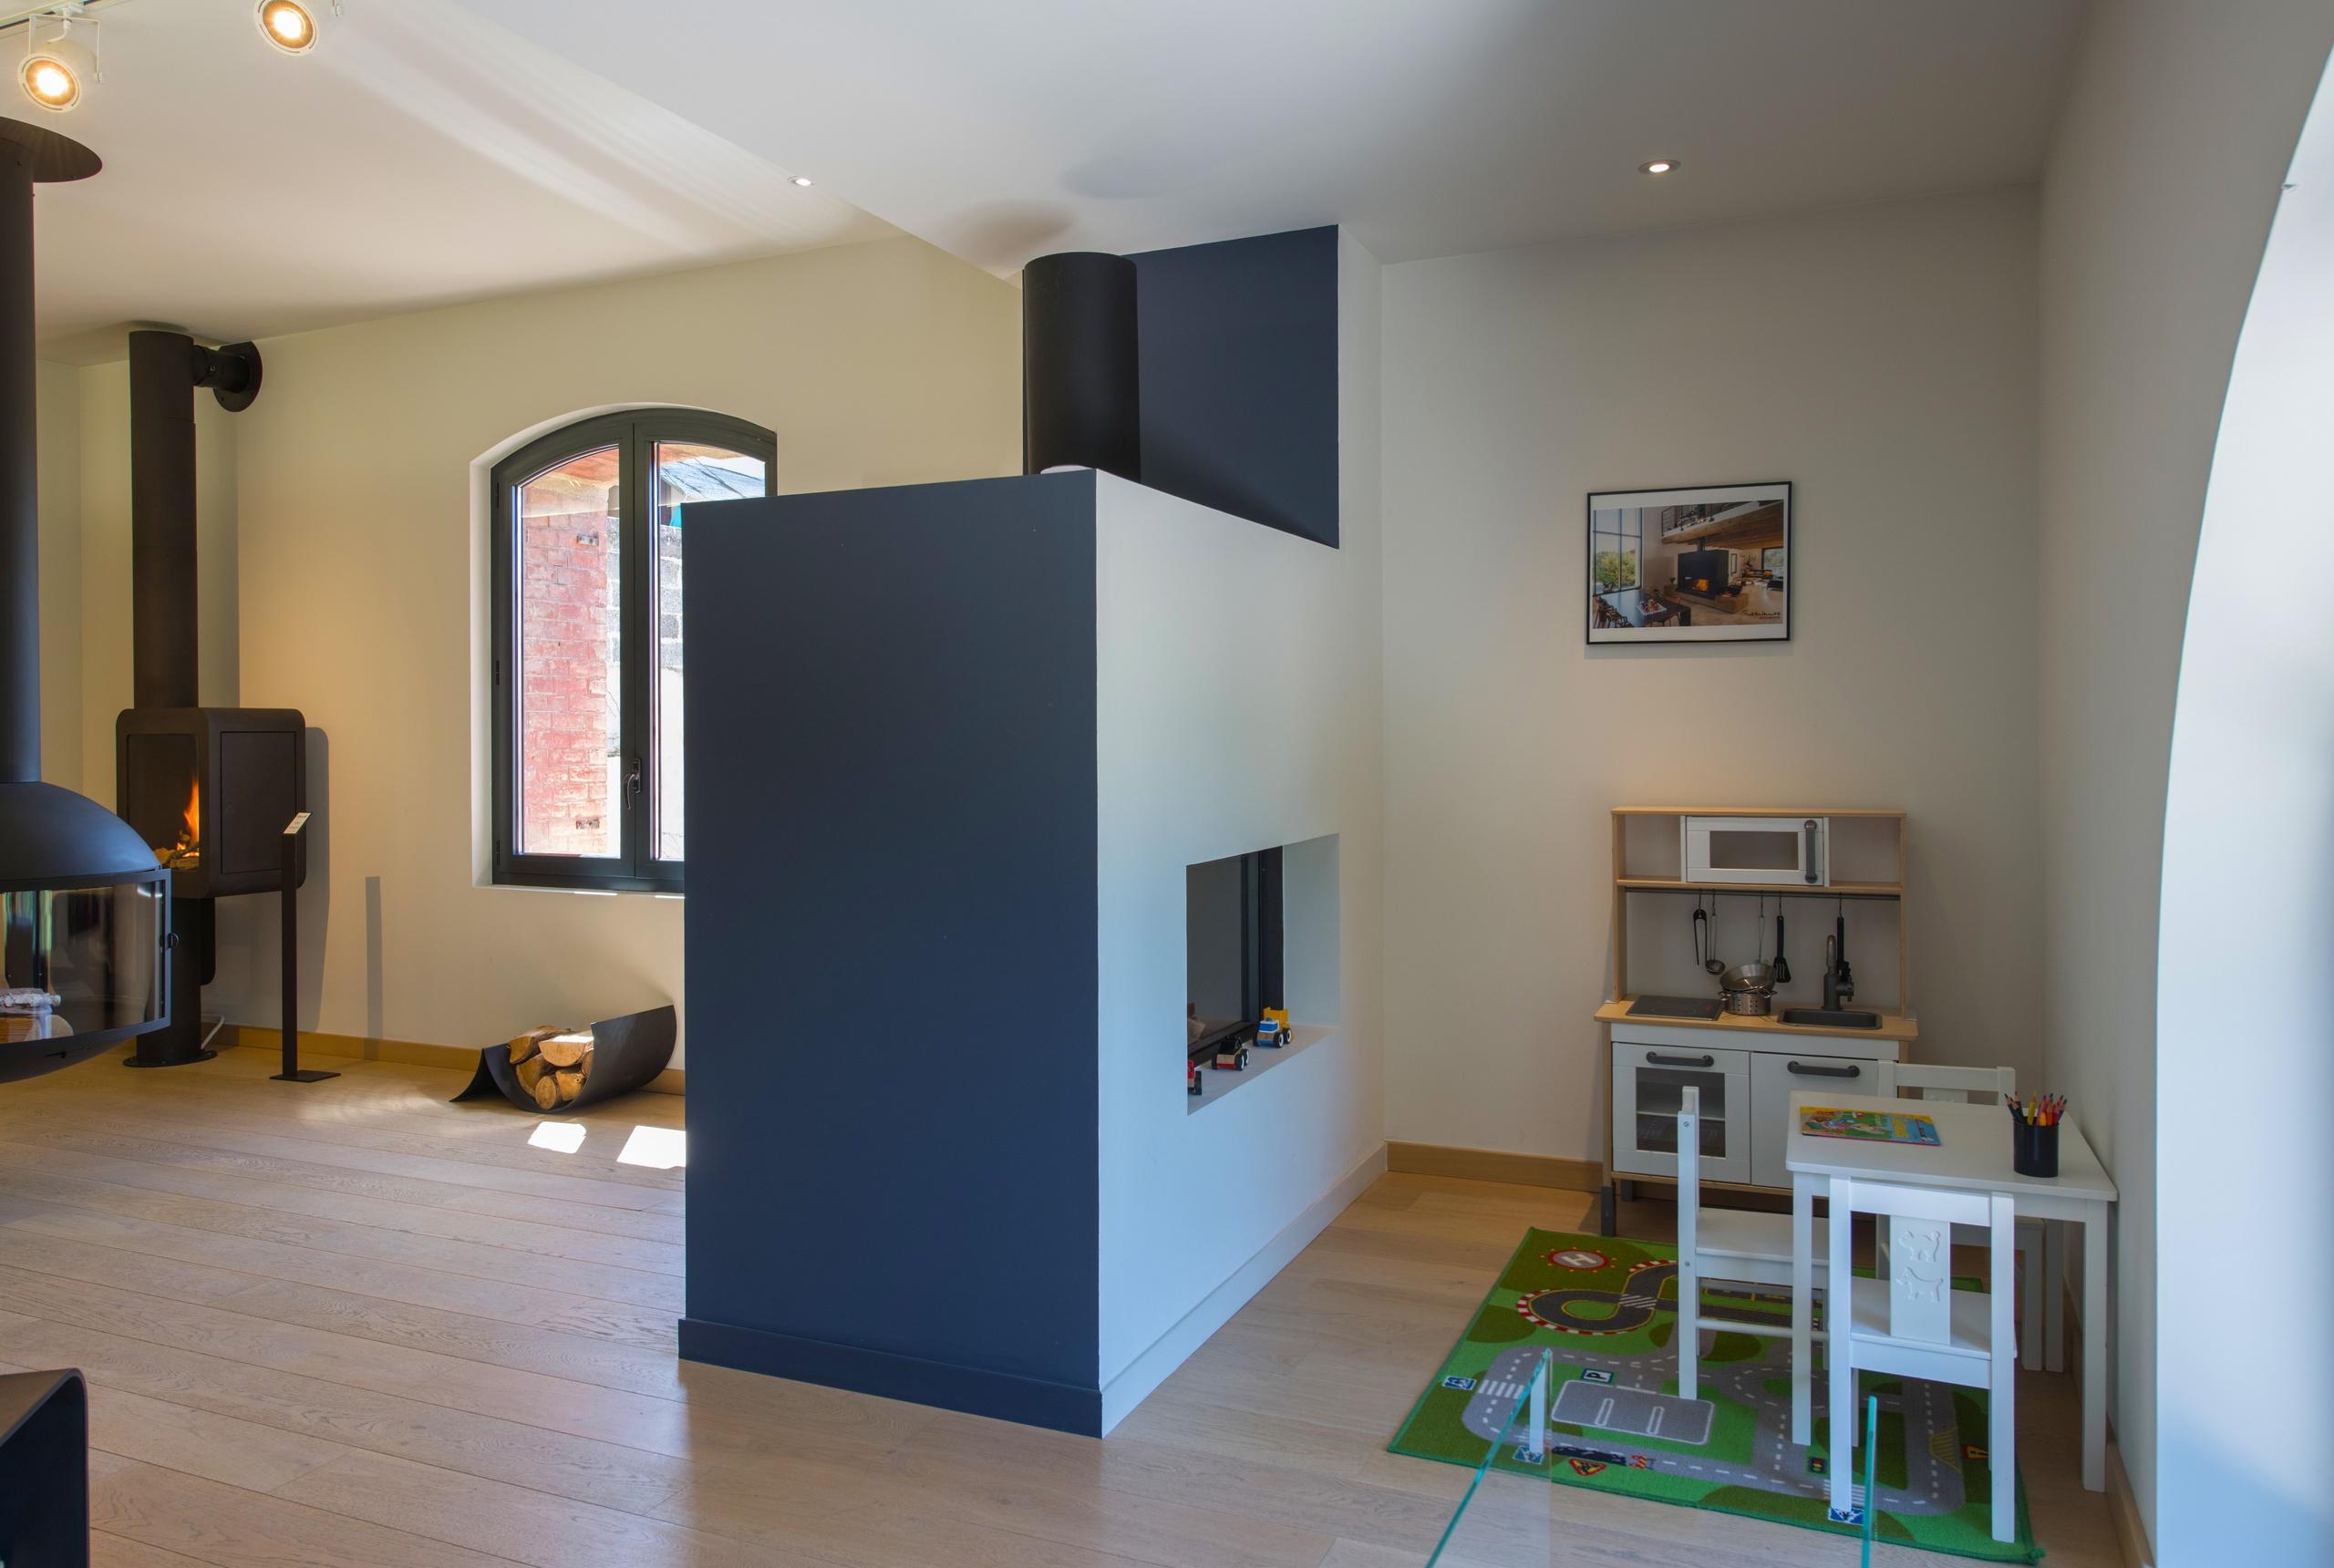 espace de vente cheminée aix en provence